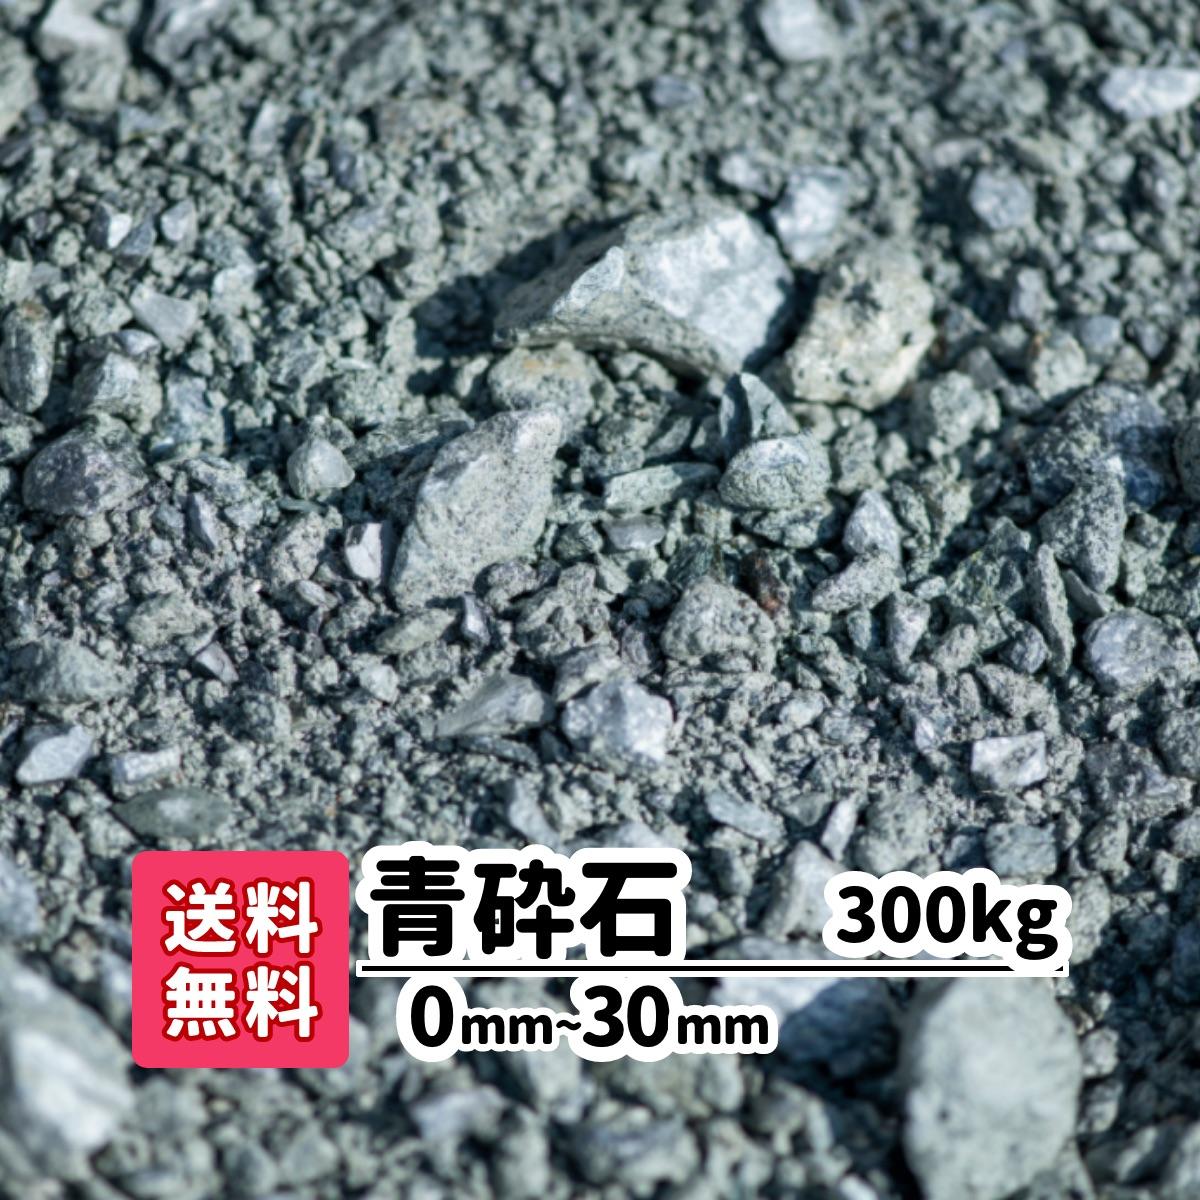 【送料無料】300kg 青砕石 0mm~30mm(20kg×15)駐車場 砕石 庭 アプローチ